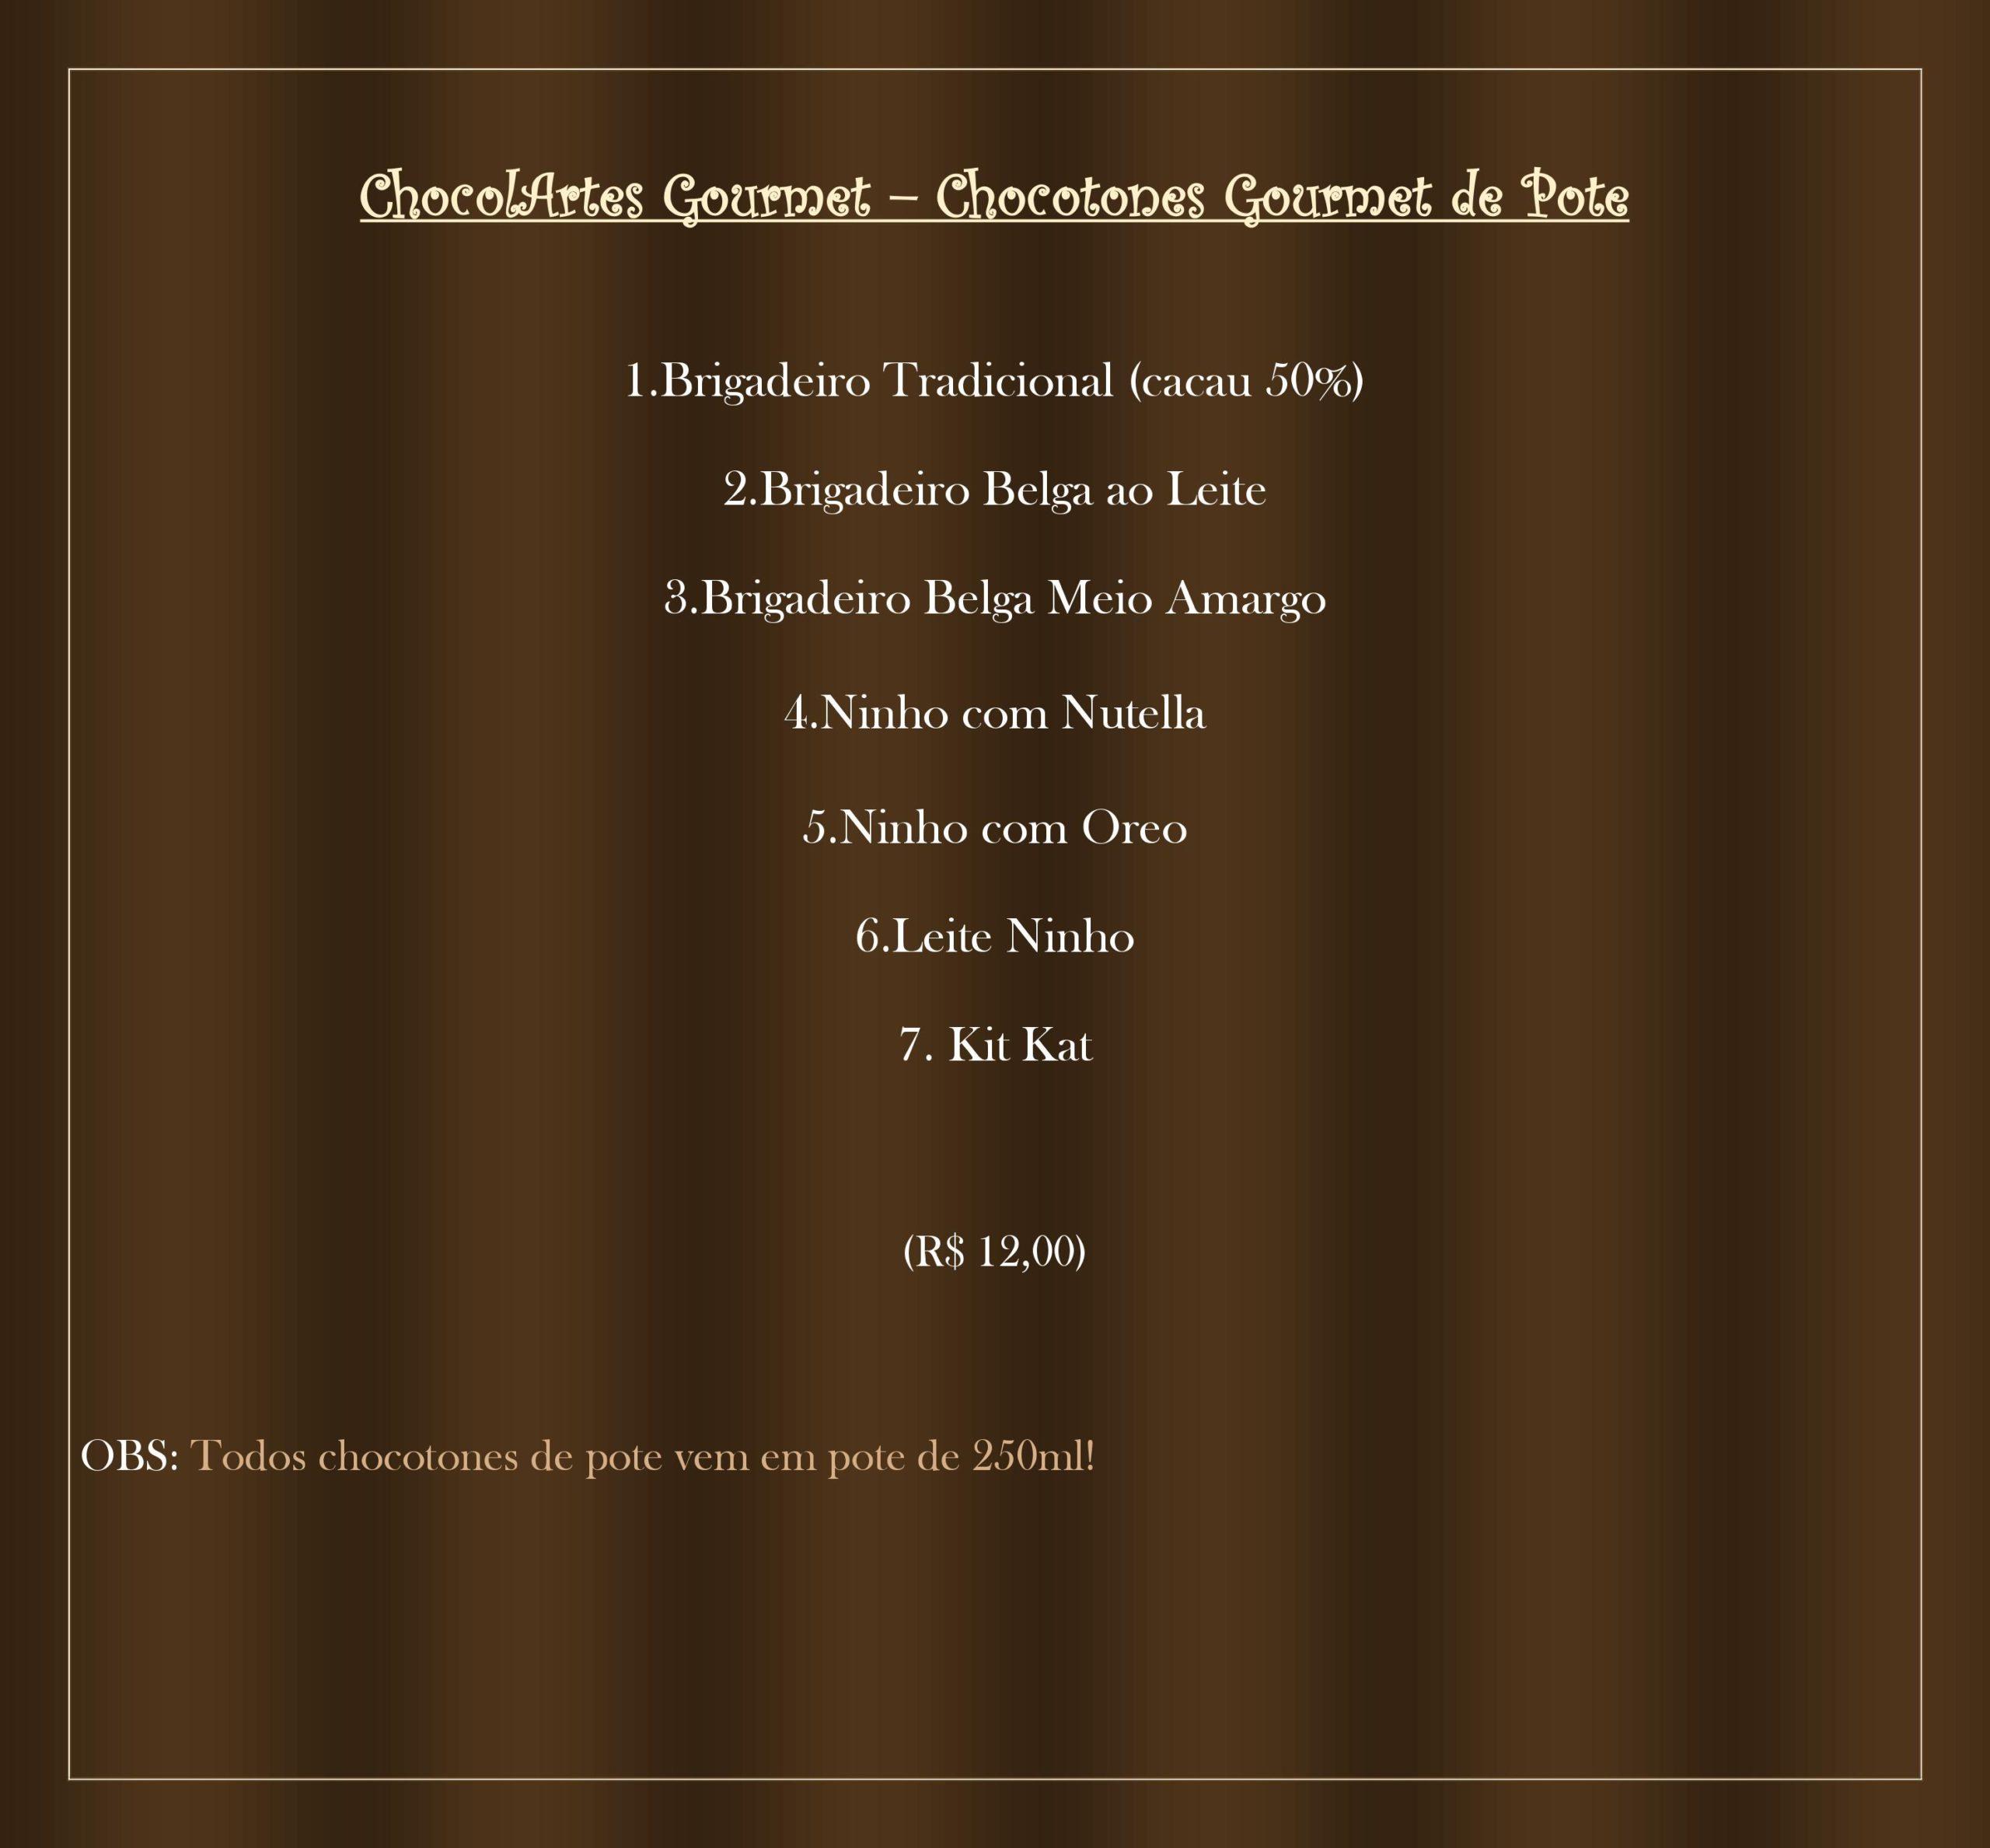 chocolartes gourmet 3